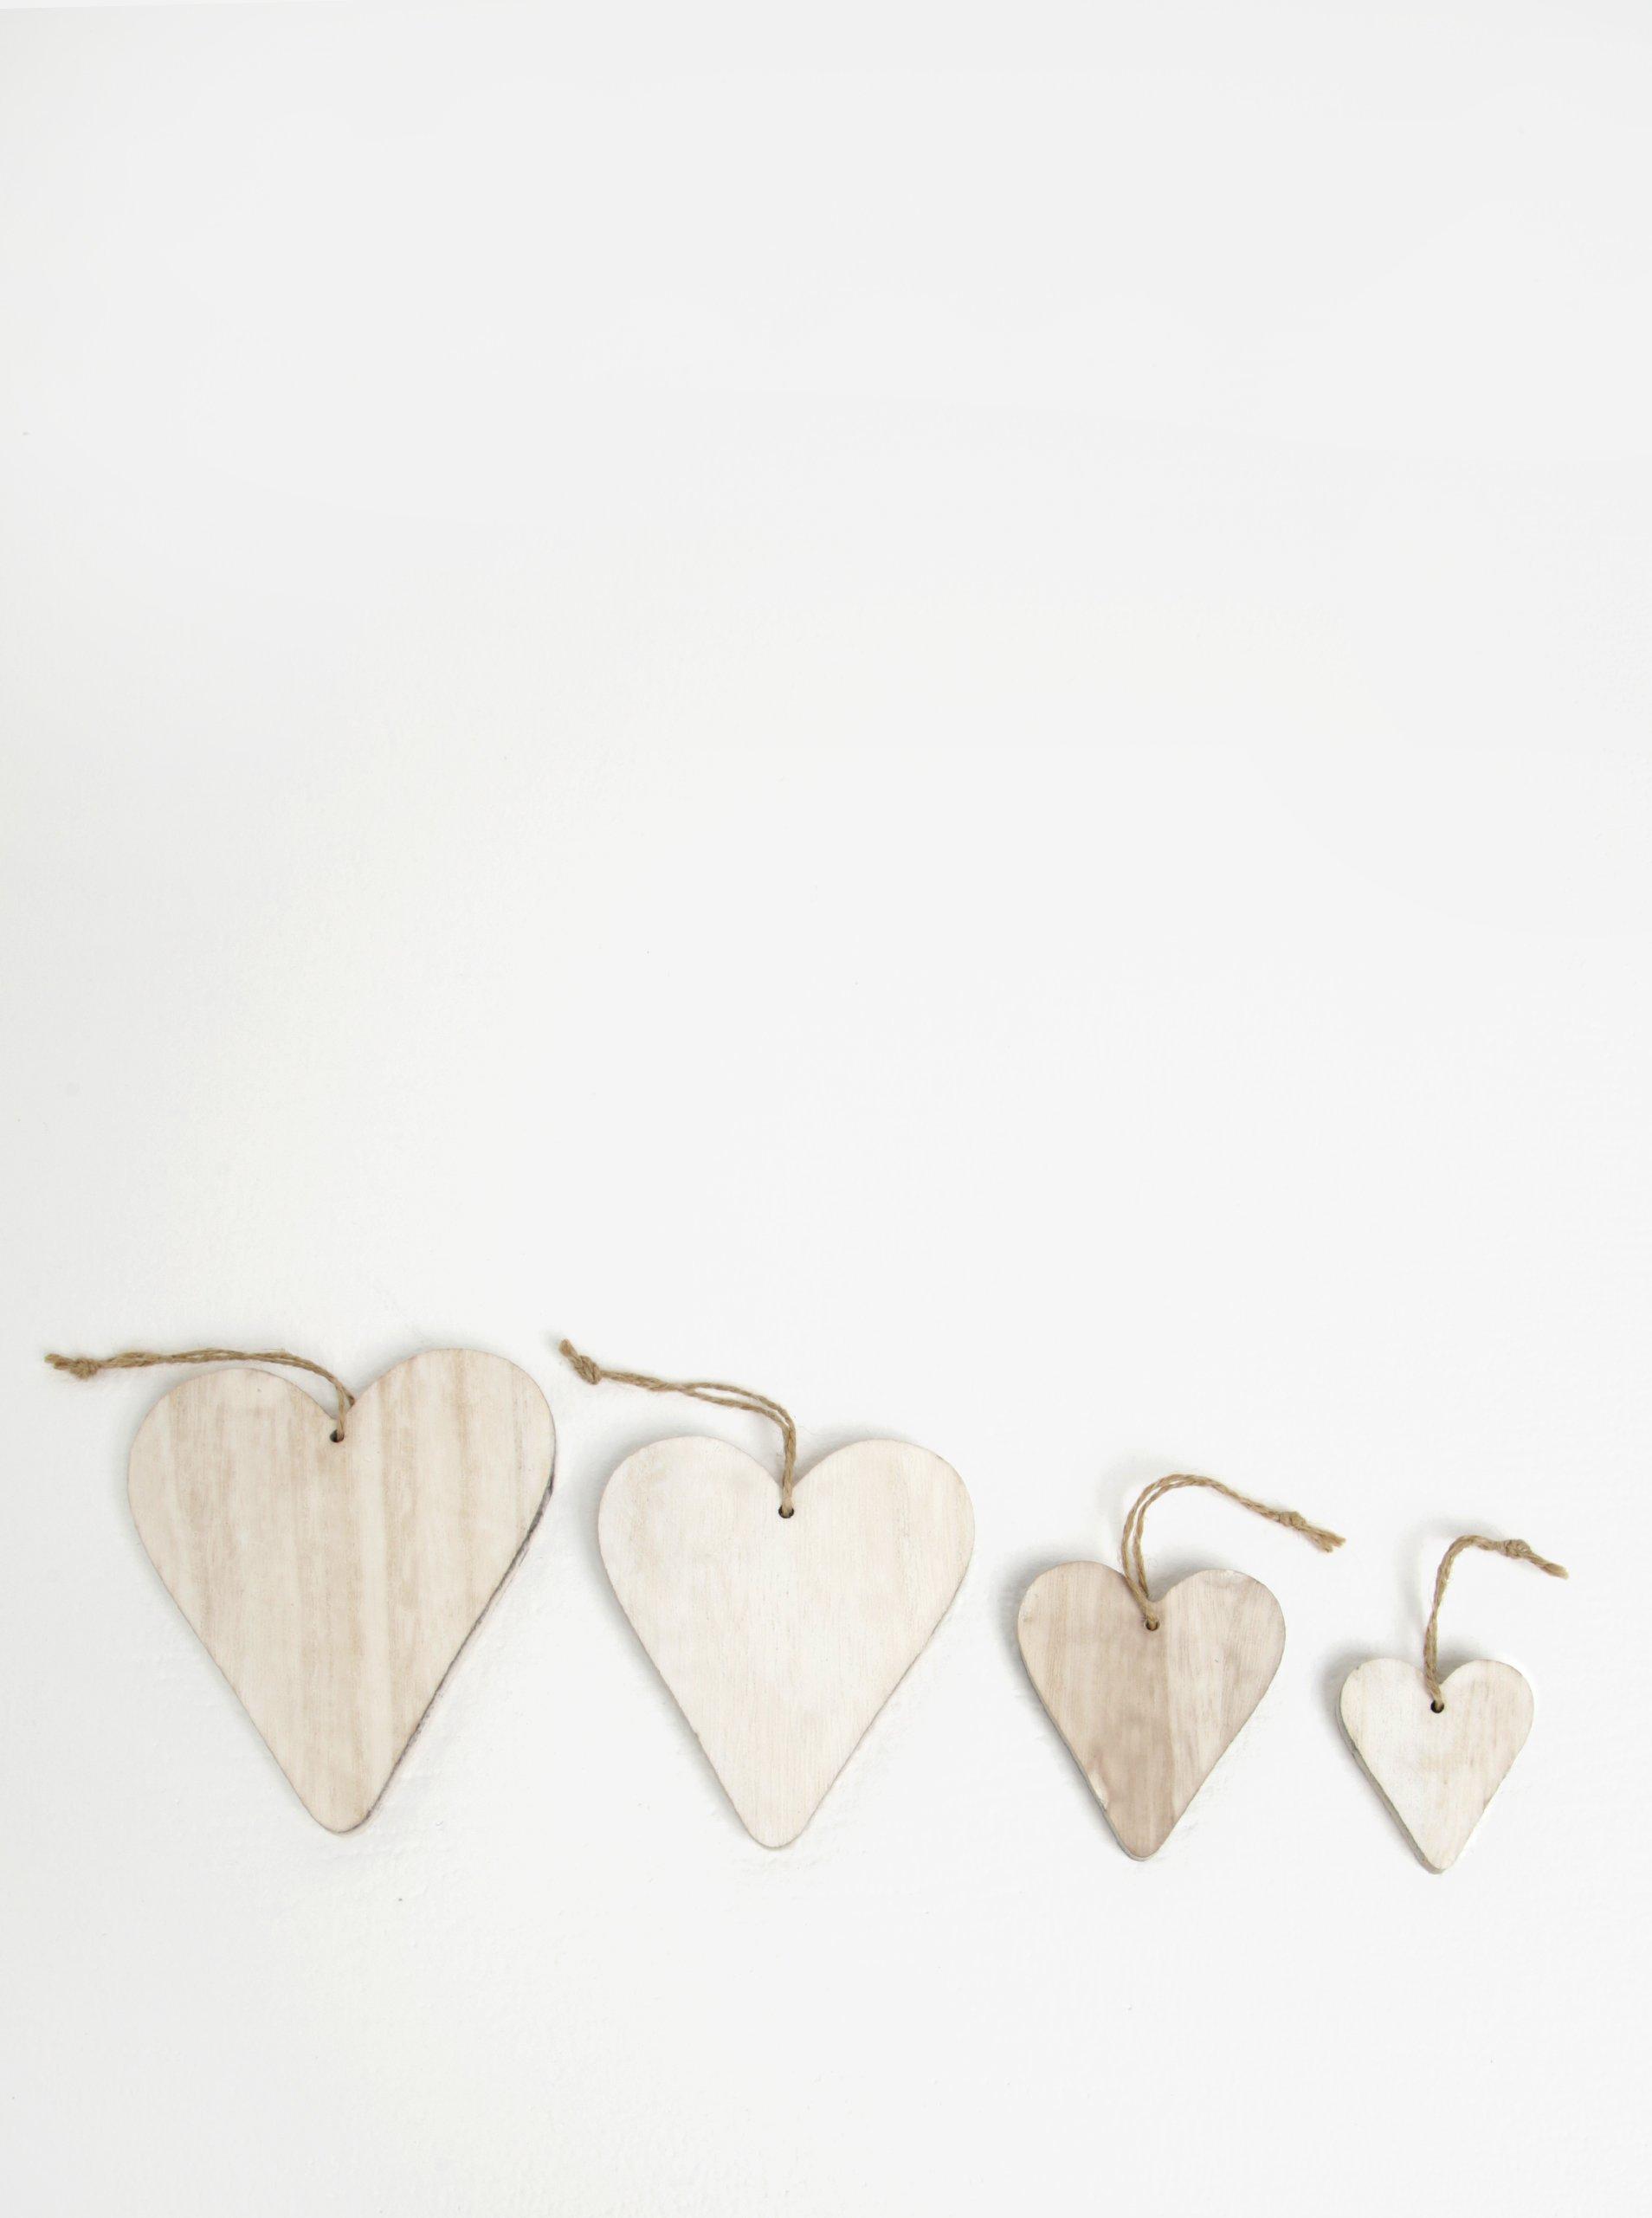 Sada čtyř kusů dřevěné závěsné dekorace ve tvaru srdcí v bílé barvě Dakls